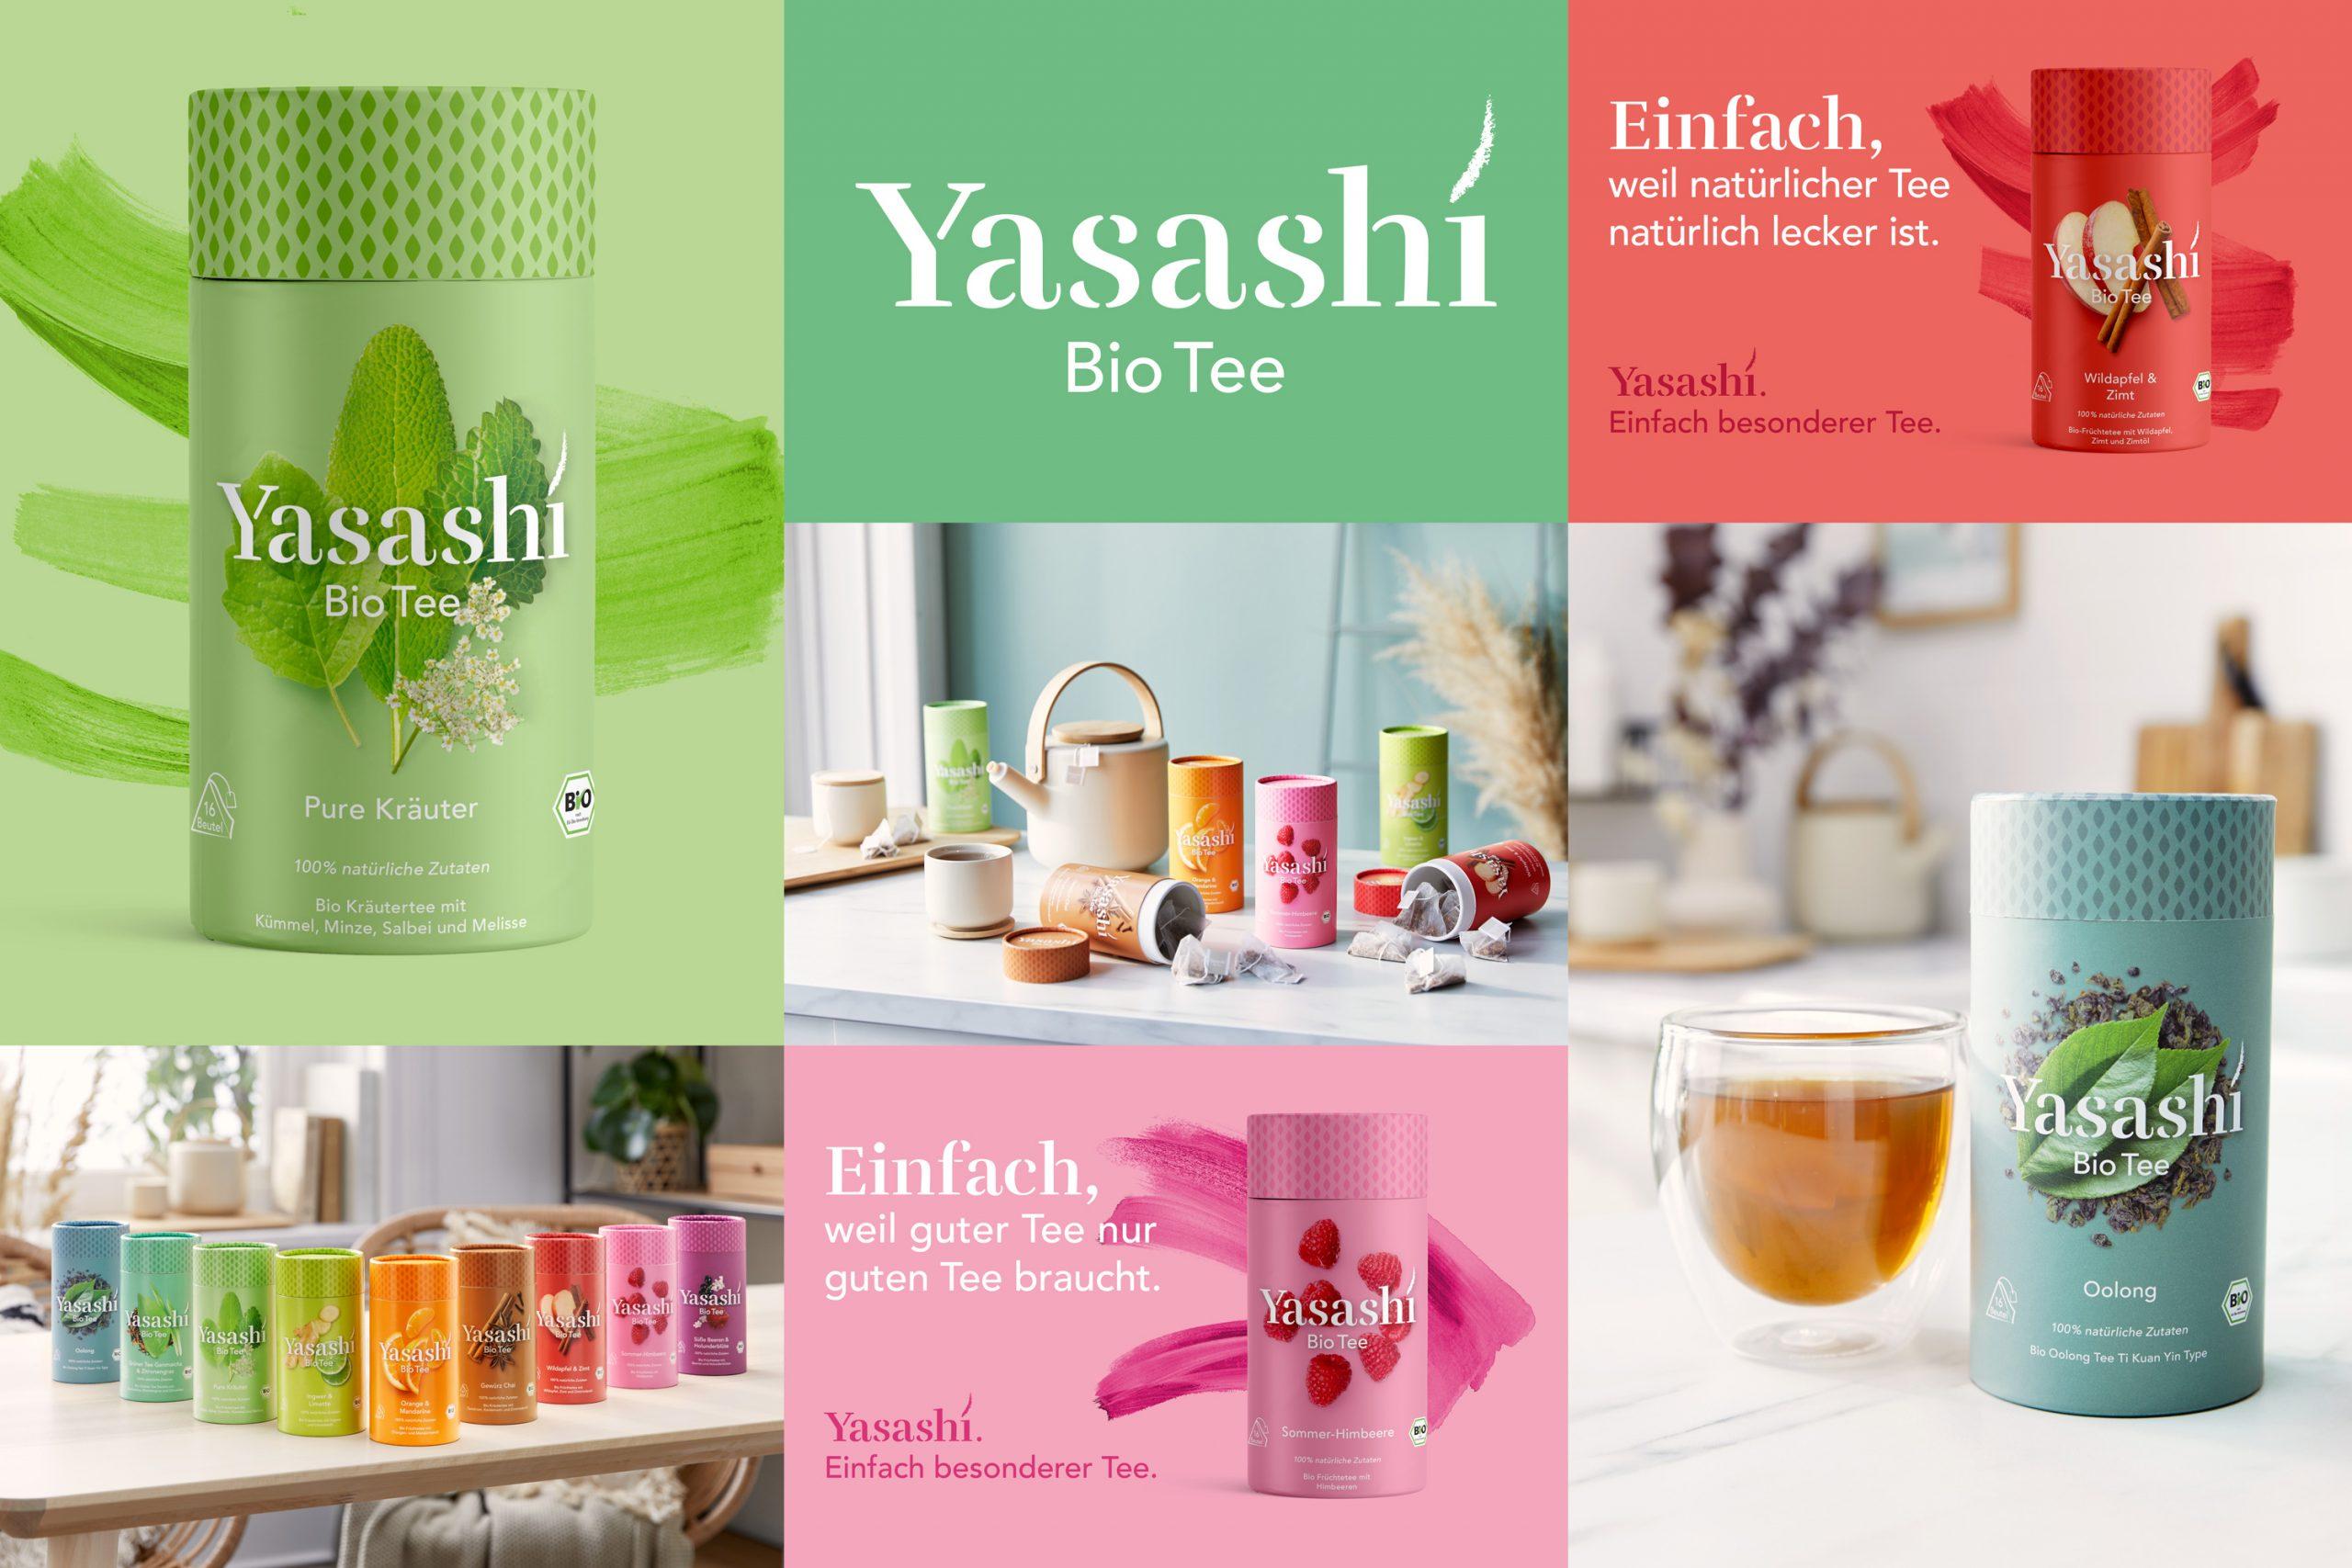 Yasashi